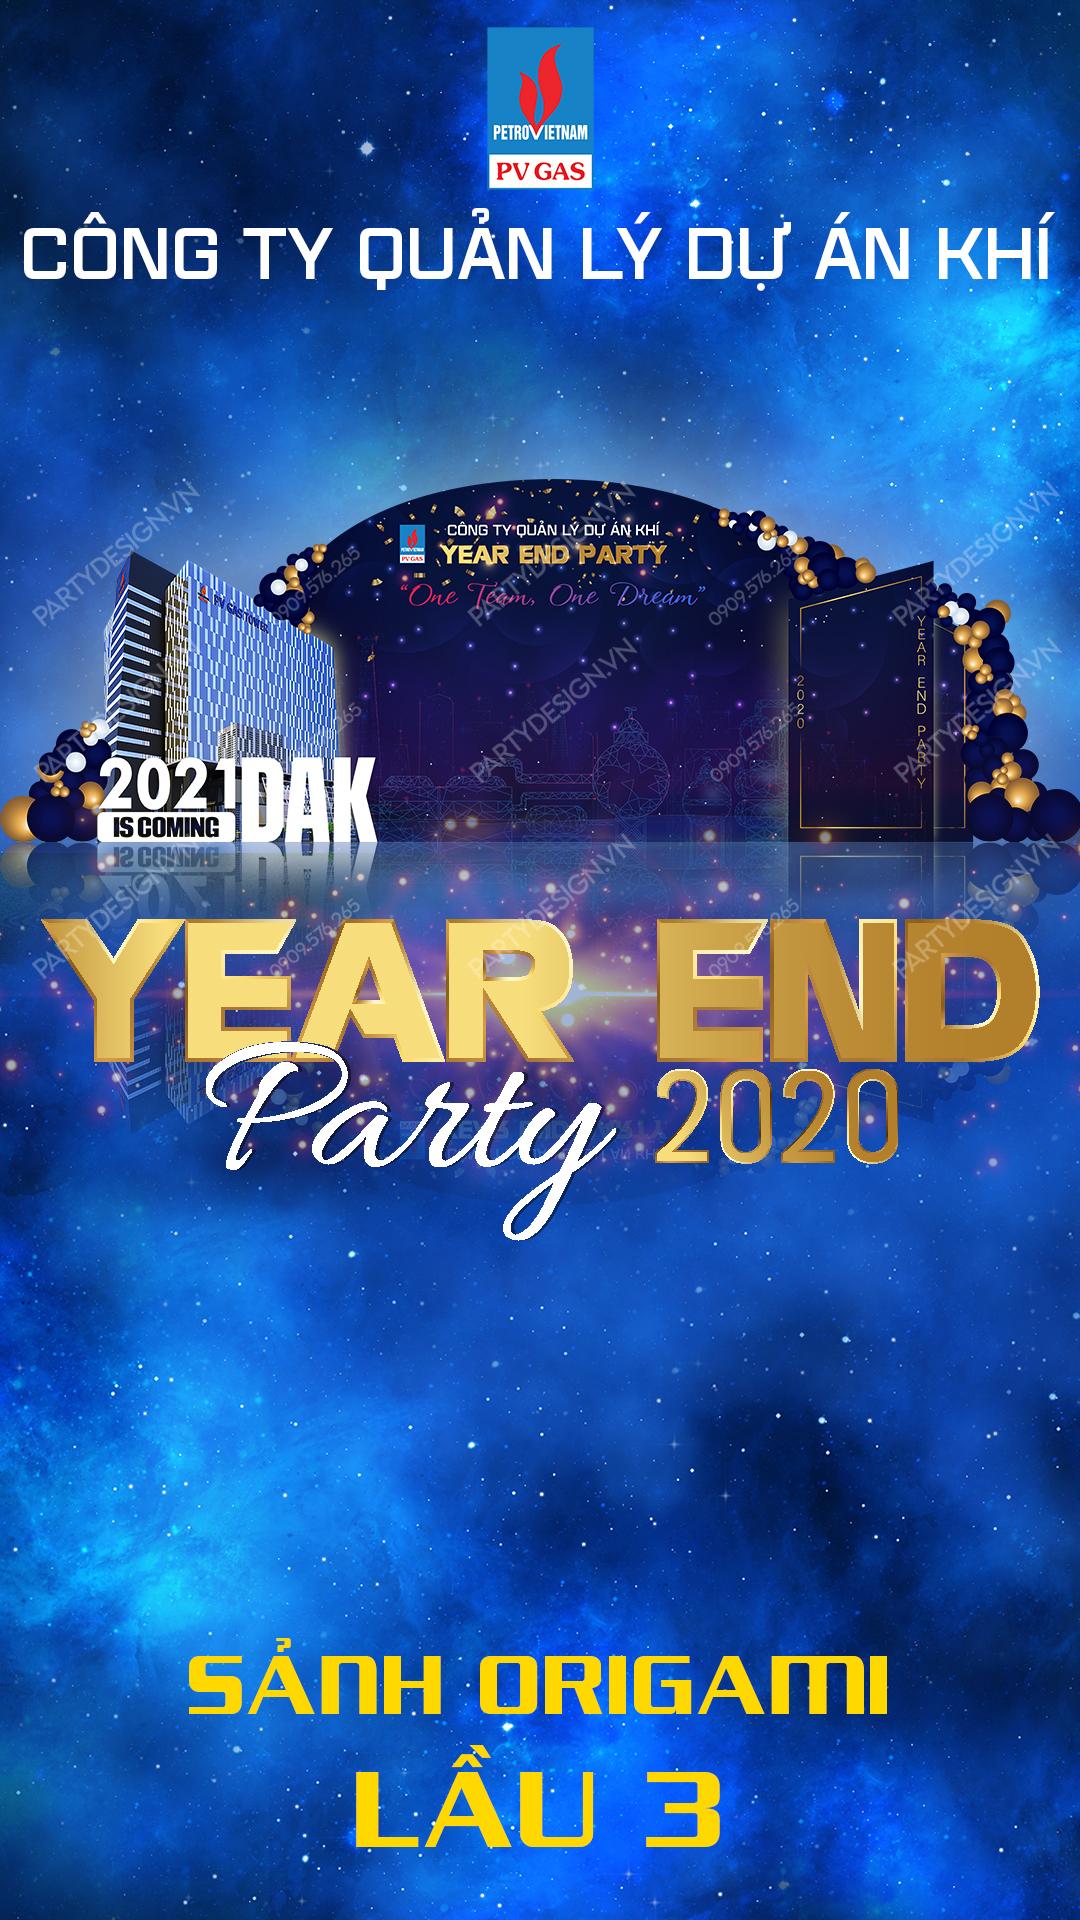 Thiết kế hình ảnh Year End Party chiếu tại sảnh khách sạn, thang máy kích thước dọc 1080 x 1920